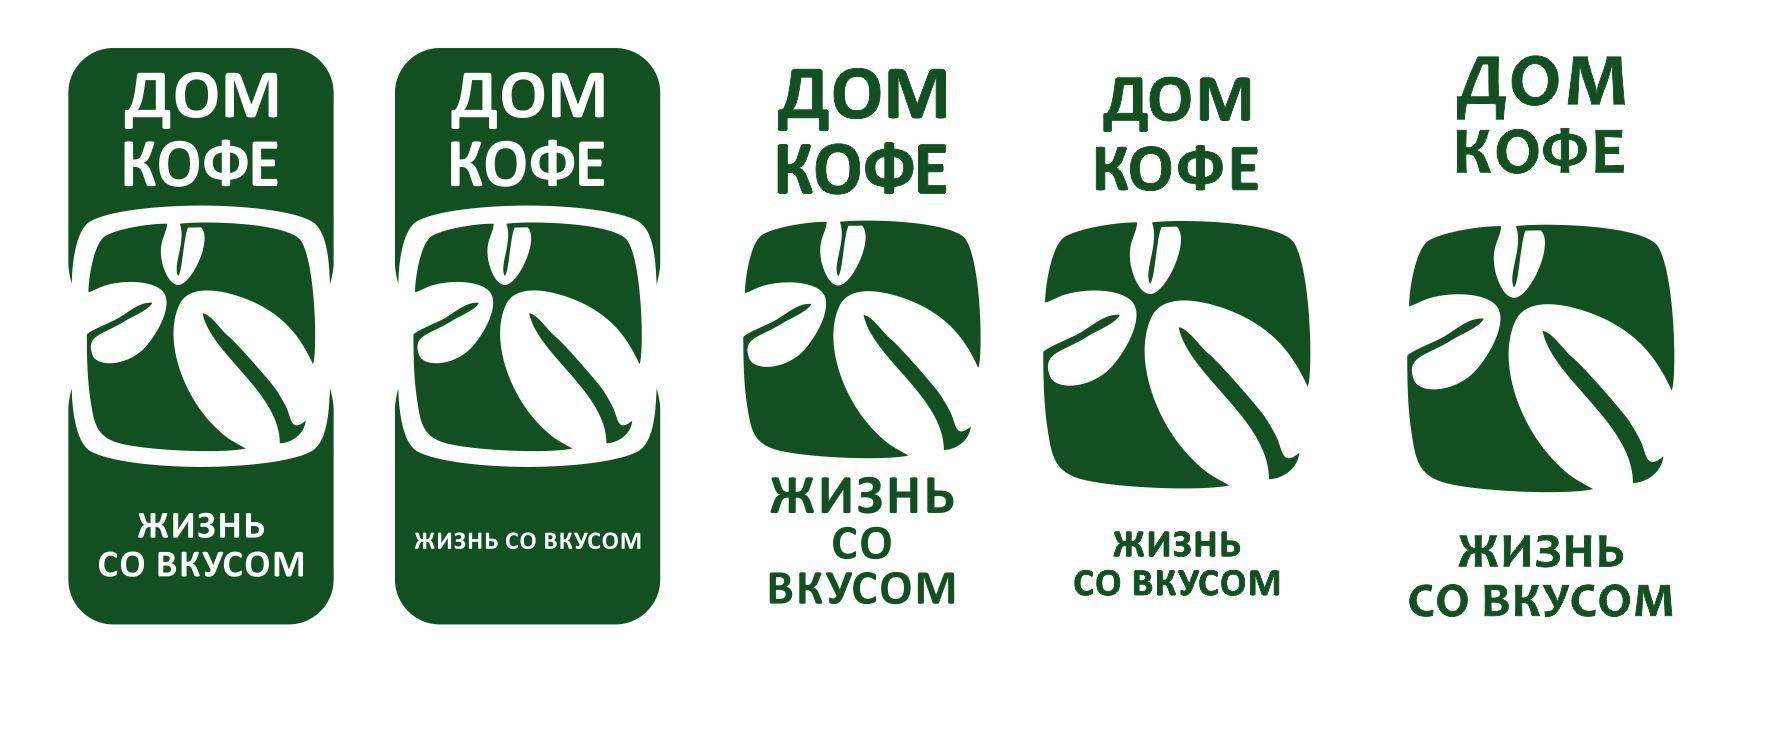 Редизайн логотипа фото f_7375340574a8c4e2.jpg